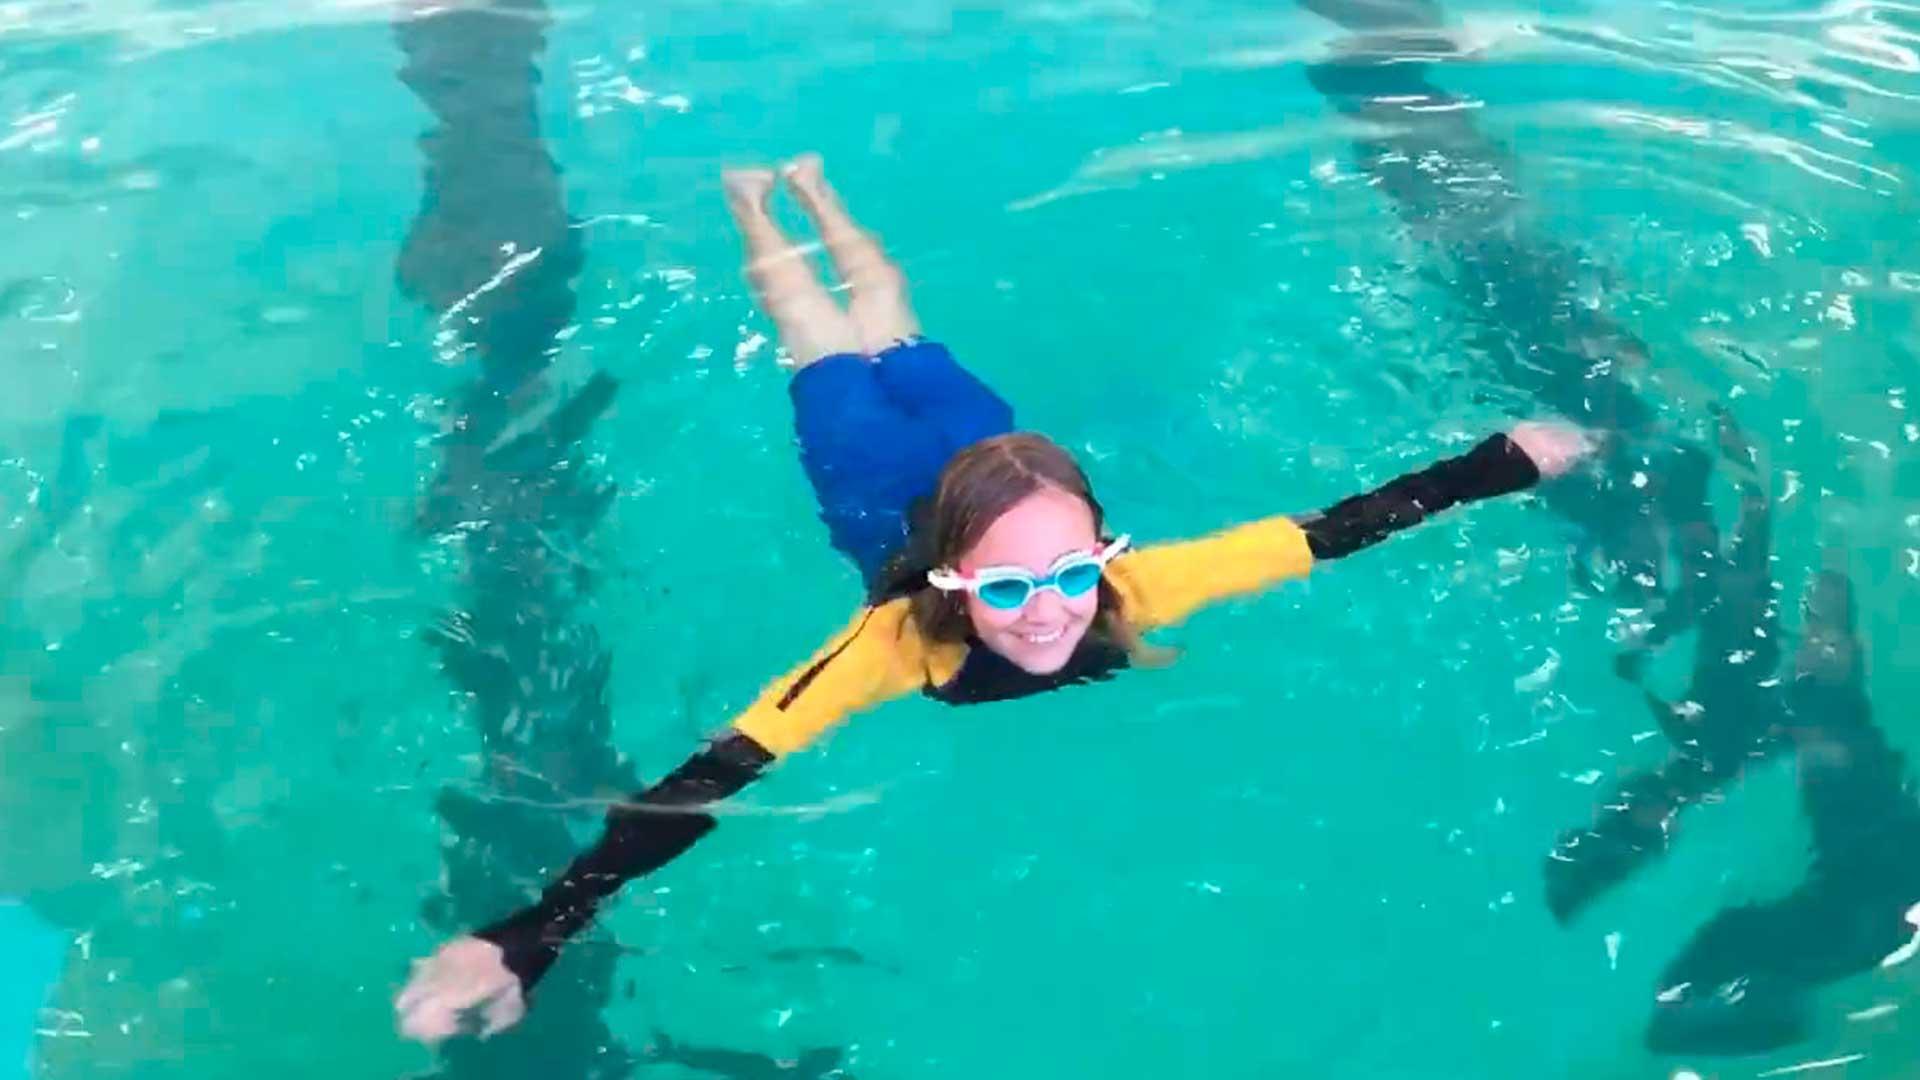 imagem-destacada-conheca-a-floater-a-roupa-para-quem-tem-medo-de-ambientes-aquaticos